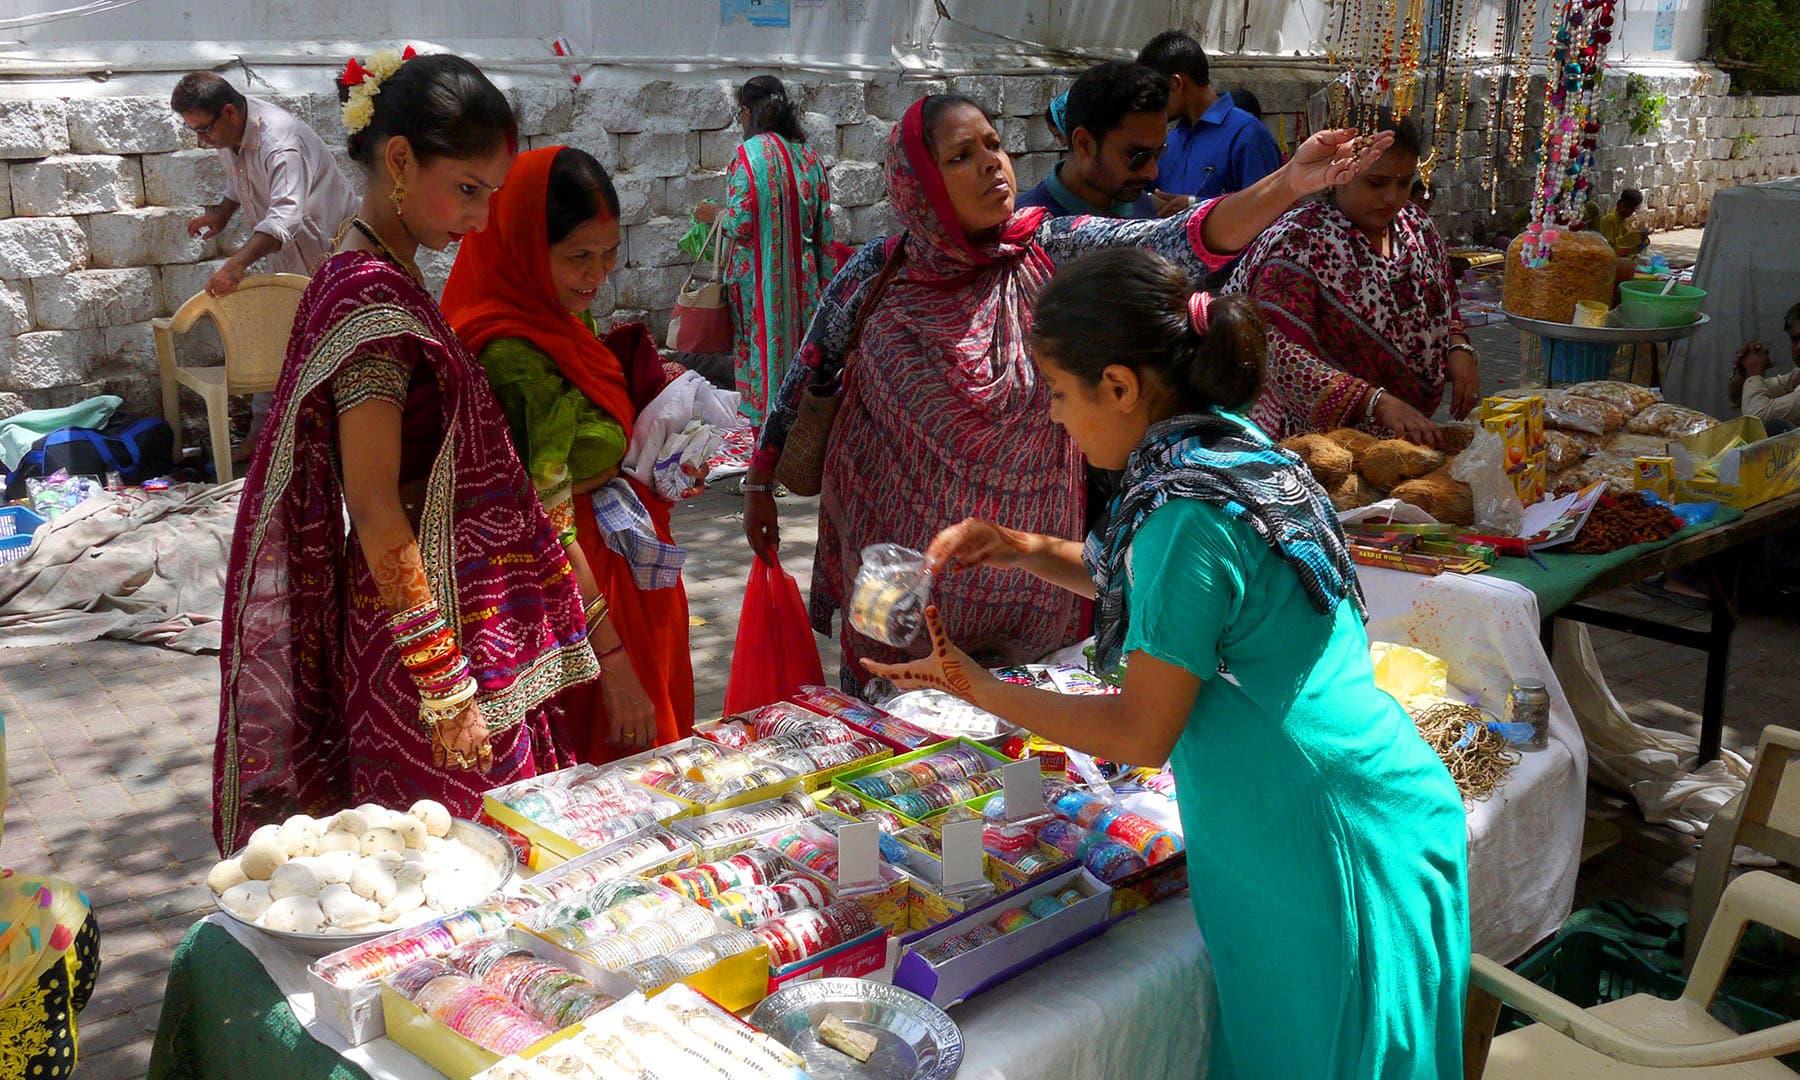 راکھی کے تہوار کے لیے ہندو خواتین چوڑیاں خرید رہی ہیں.